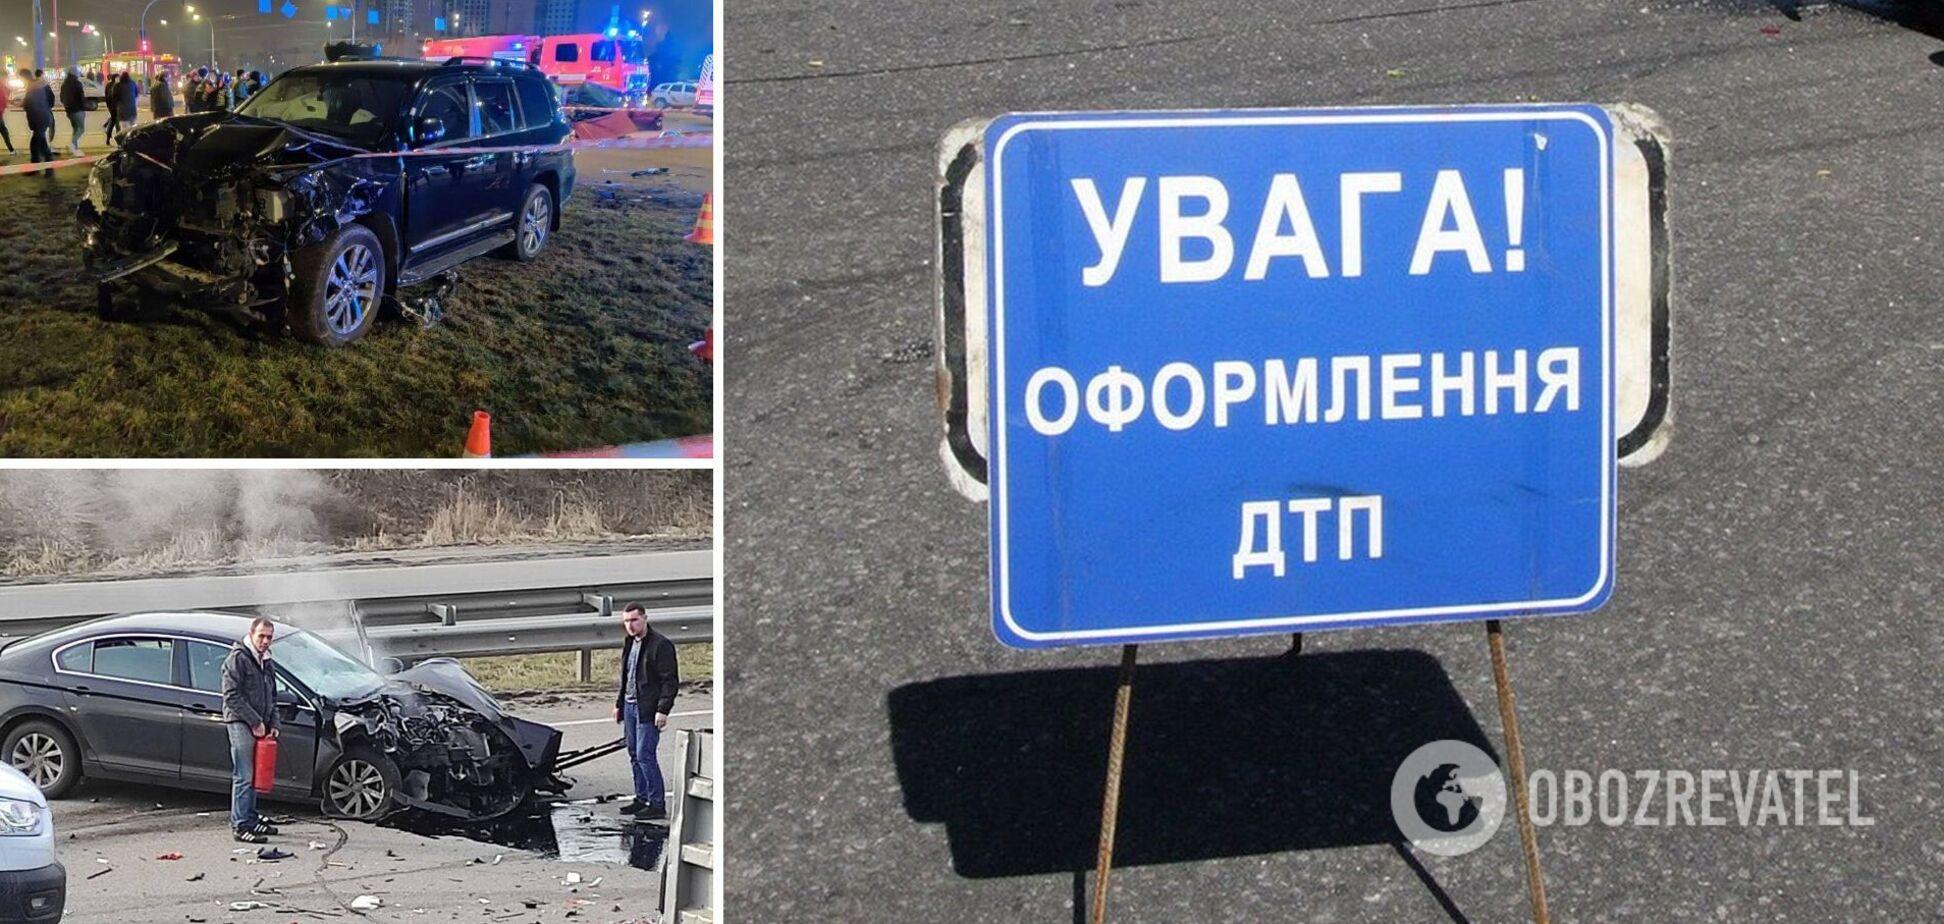 Люди продолжают гибнуть на дорогах столицы